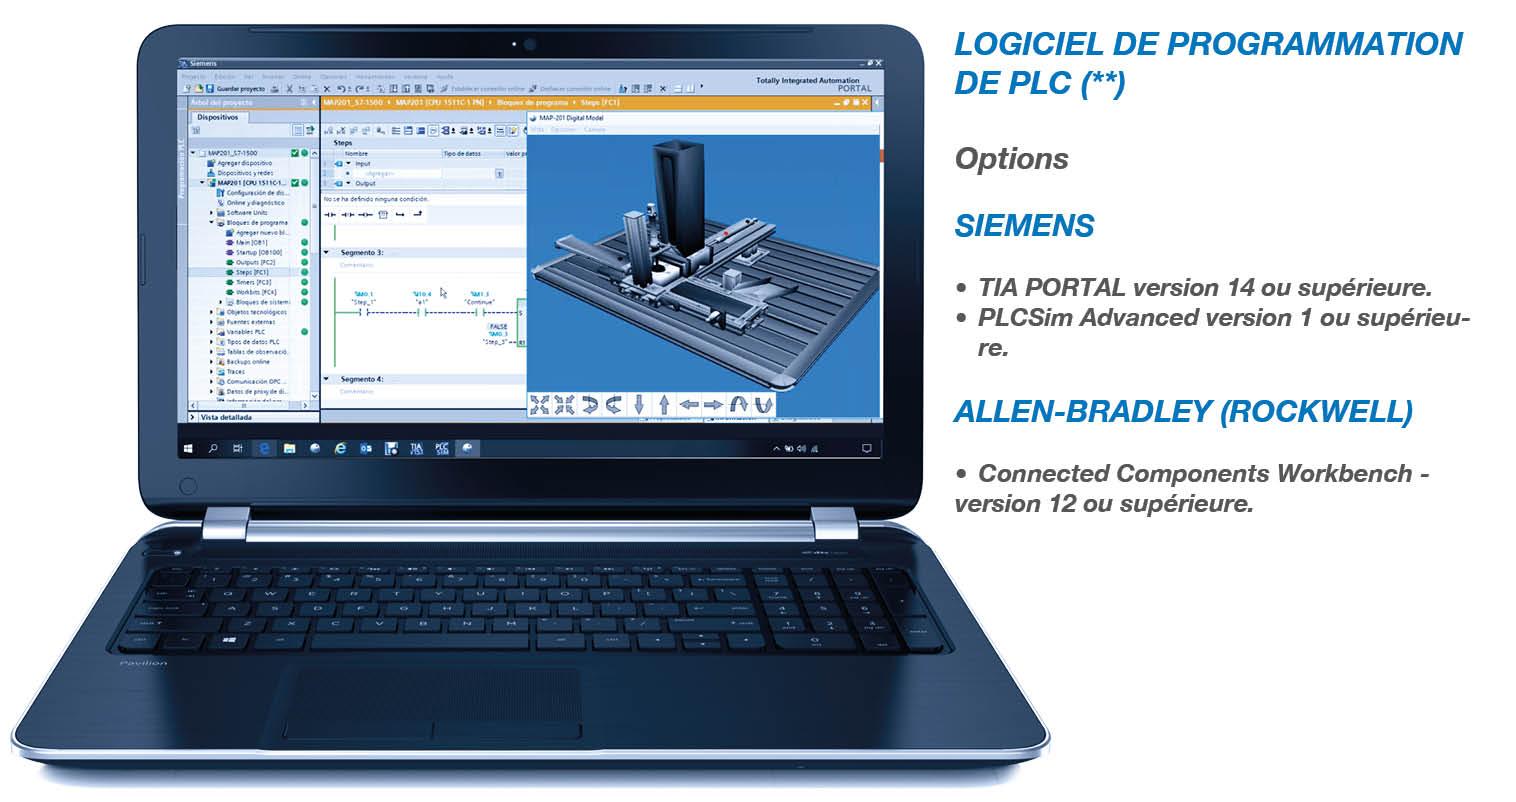 LOGICIEL DE PROGRAMMATION DE PLC pour autoSIM-200